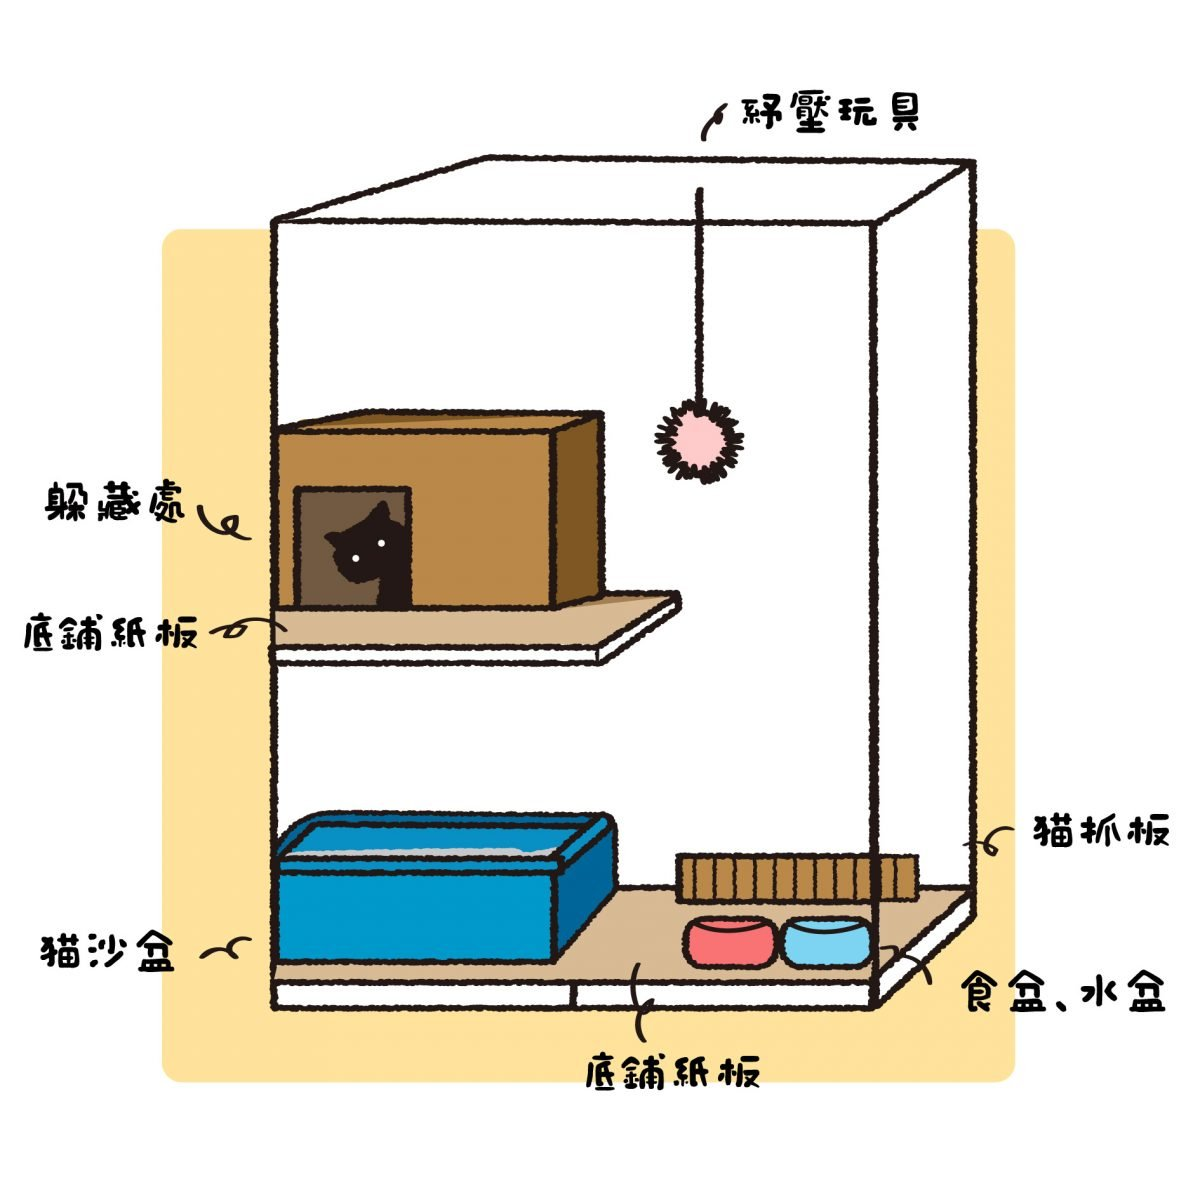 貓咪親訓技巧 籠內佈置-01